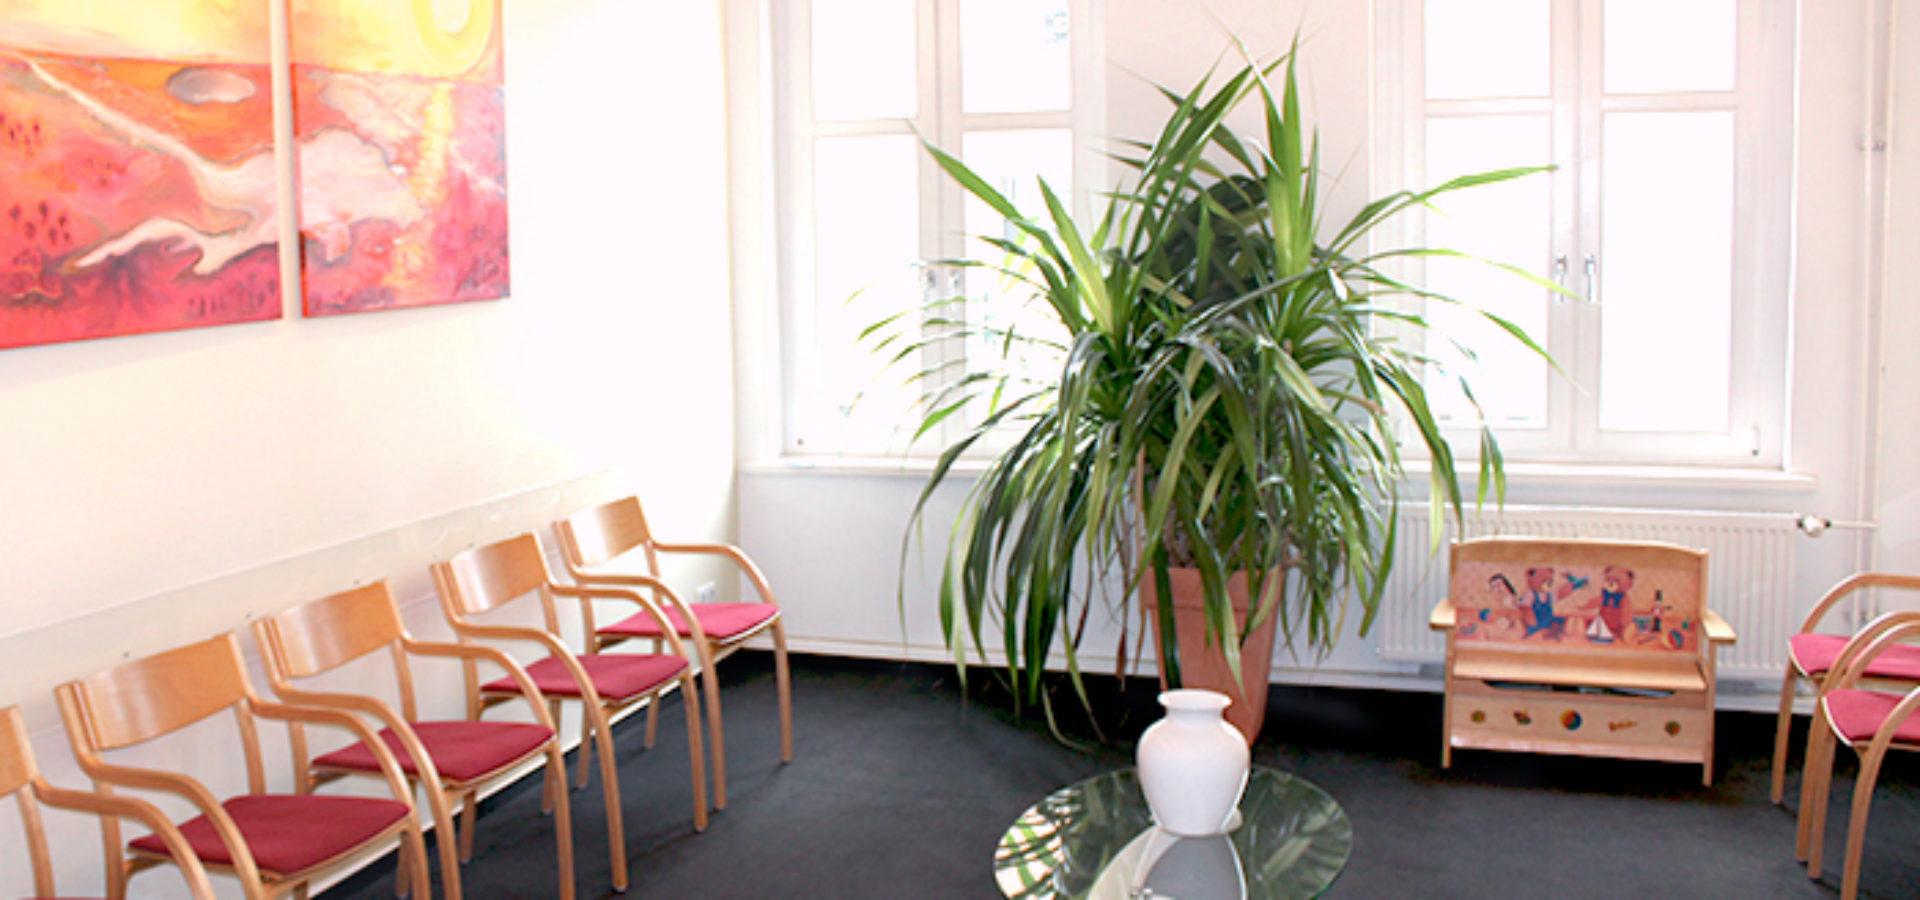 Orthopädiepraxis Berlin